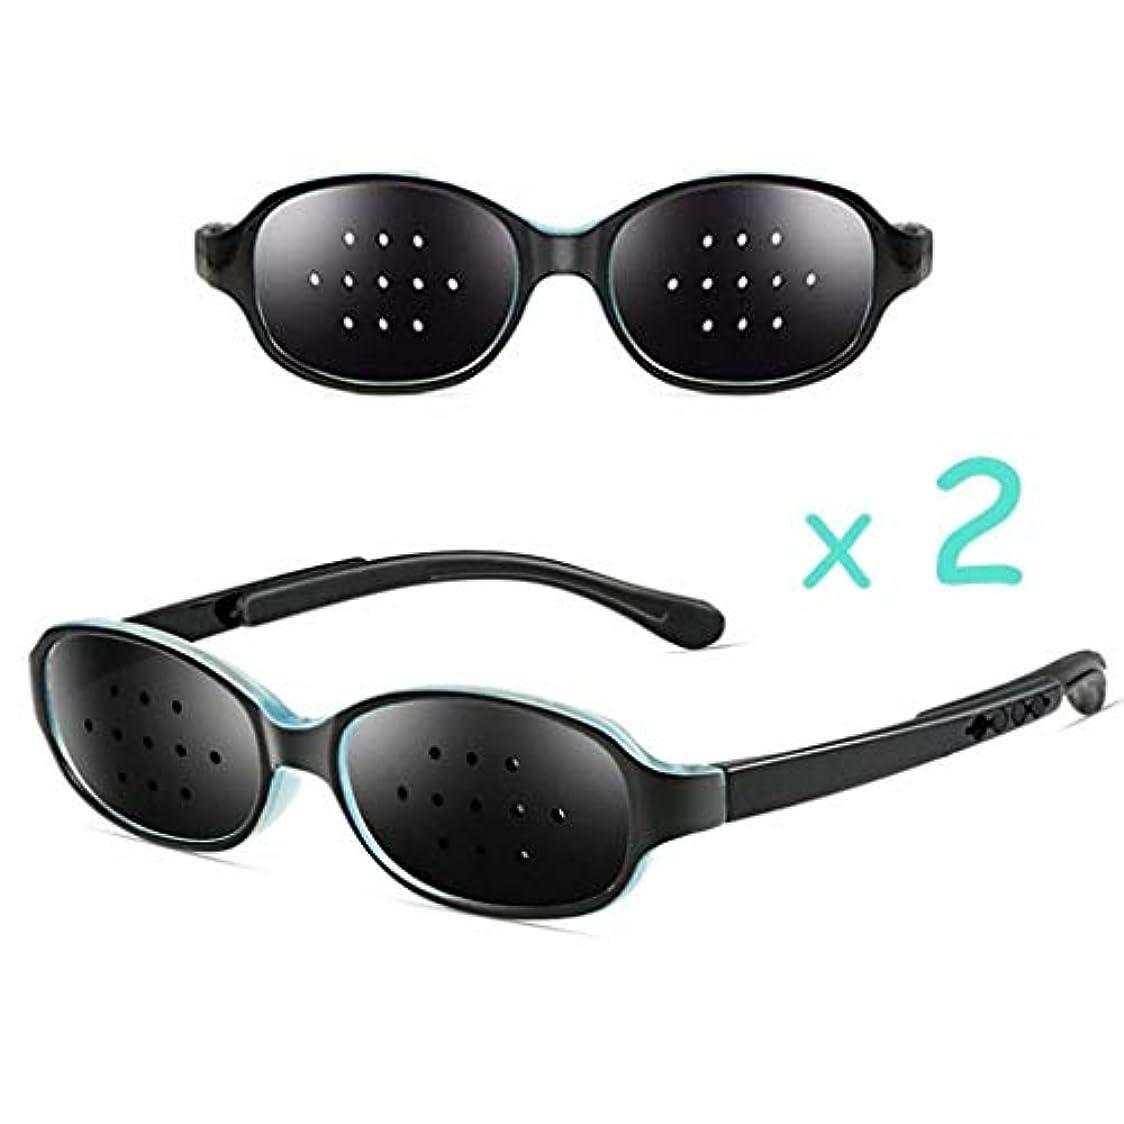 トロリー揮発性沈黙ピンホールメガネ、視力矯正メガネ網状視力保護メガネ耐疲労性メガネ近視の防止メガネの改善 (Color : Blue Black)